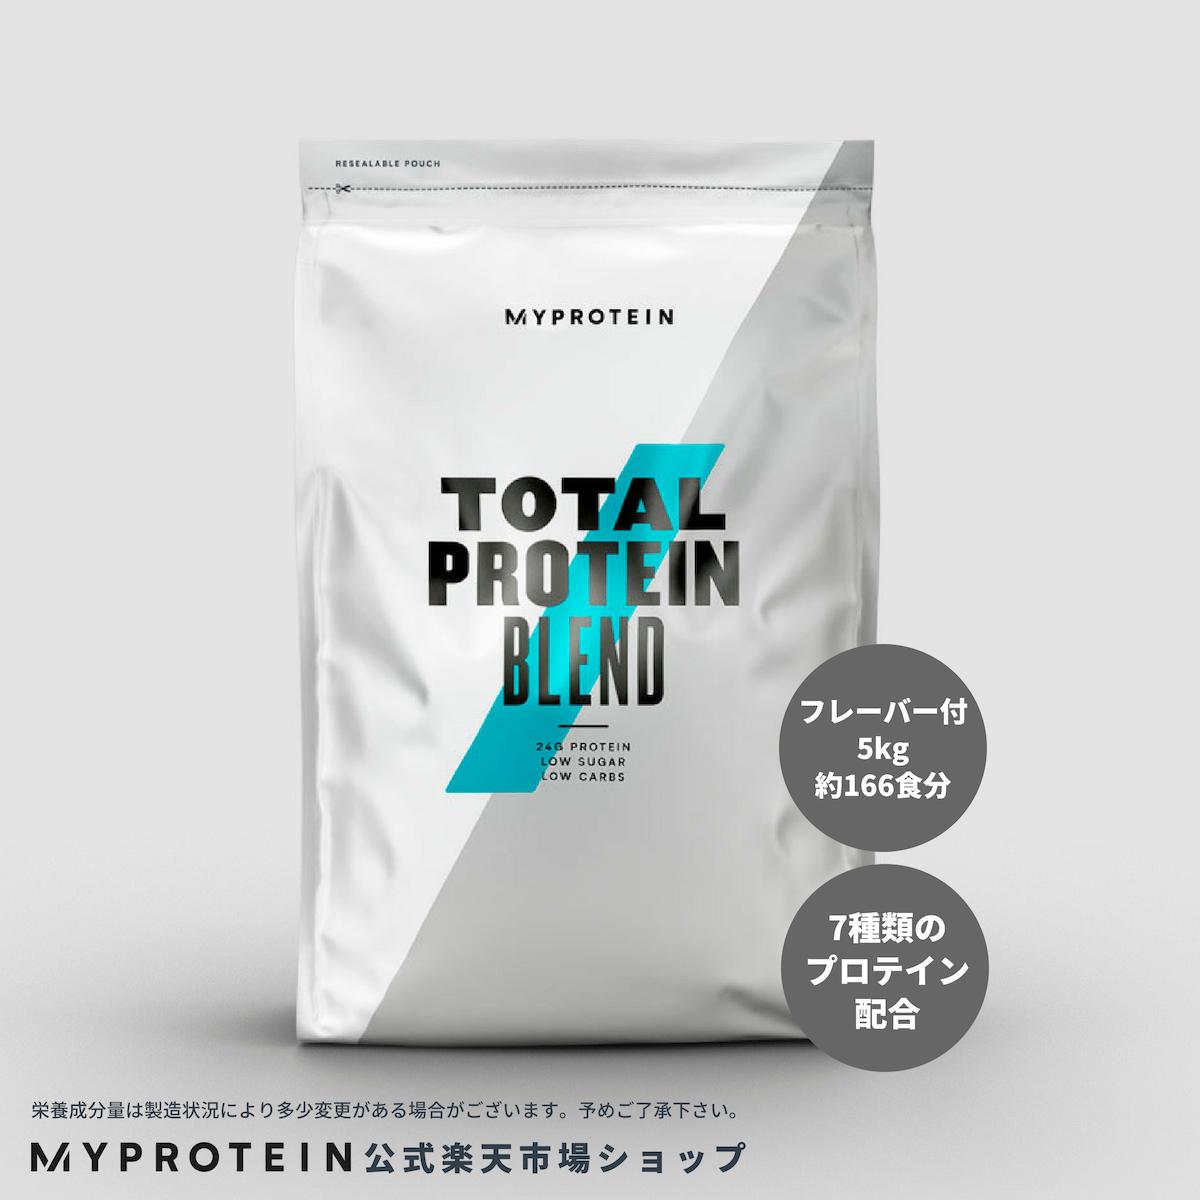 マイプロテイン 公式 【MyProtein】 トータル プロテイン ブレンド (フレーバー)5kg 約166食分| プロテイン ホエイ ホエイプロテイン カゼインプロテイン カゼイン カルシウム バルクアップ ボディーメイク 低糖 糖質制限【海外直送】